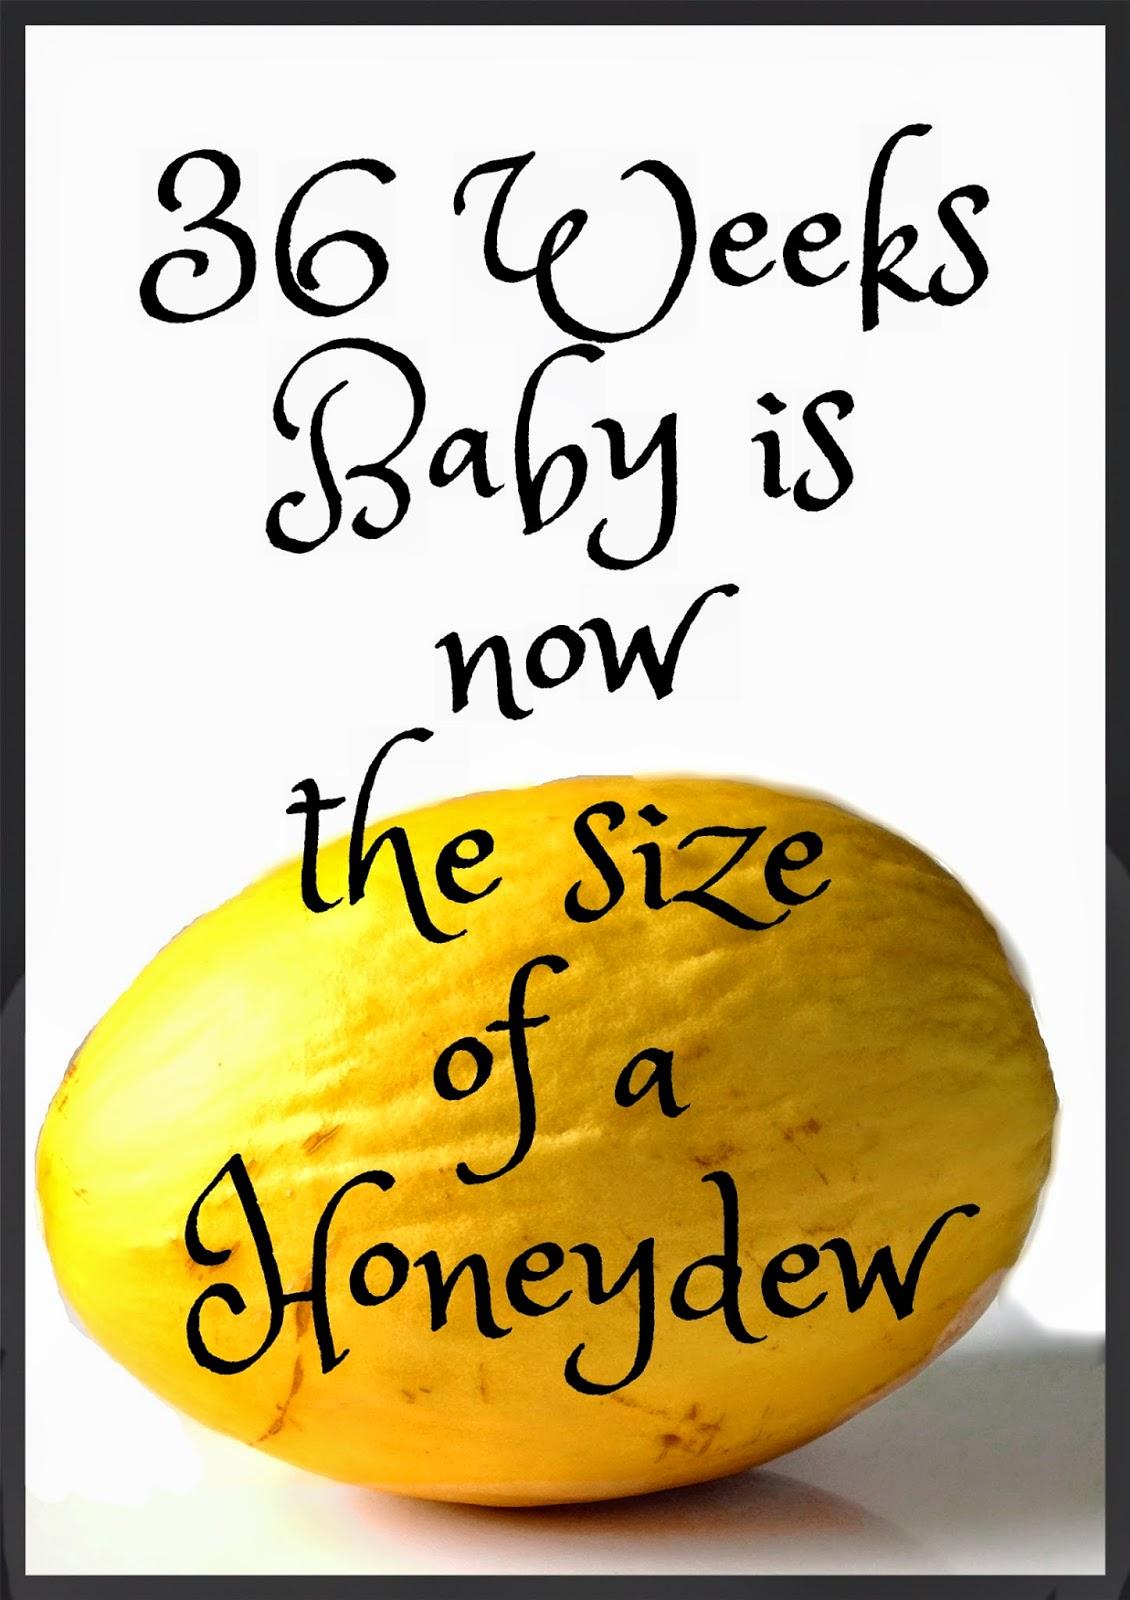 36 Weeks Pregnancy - Honeydew